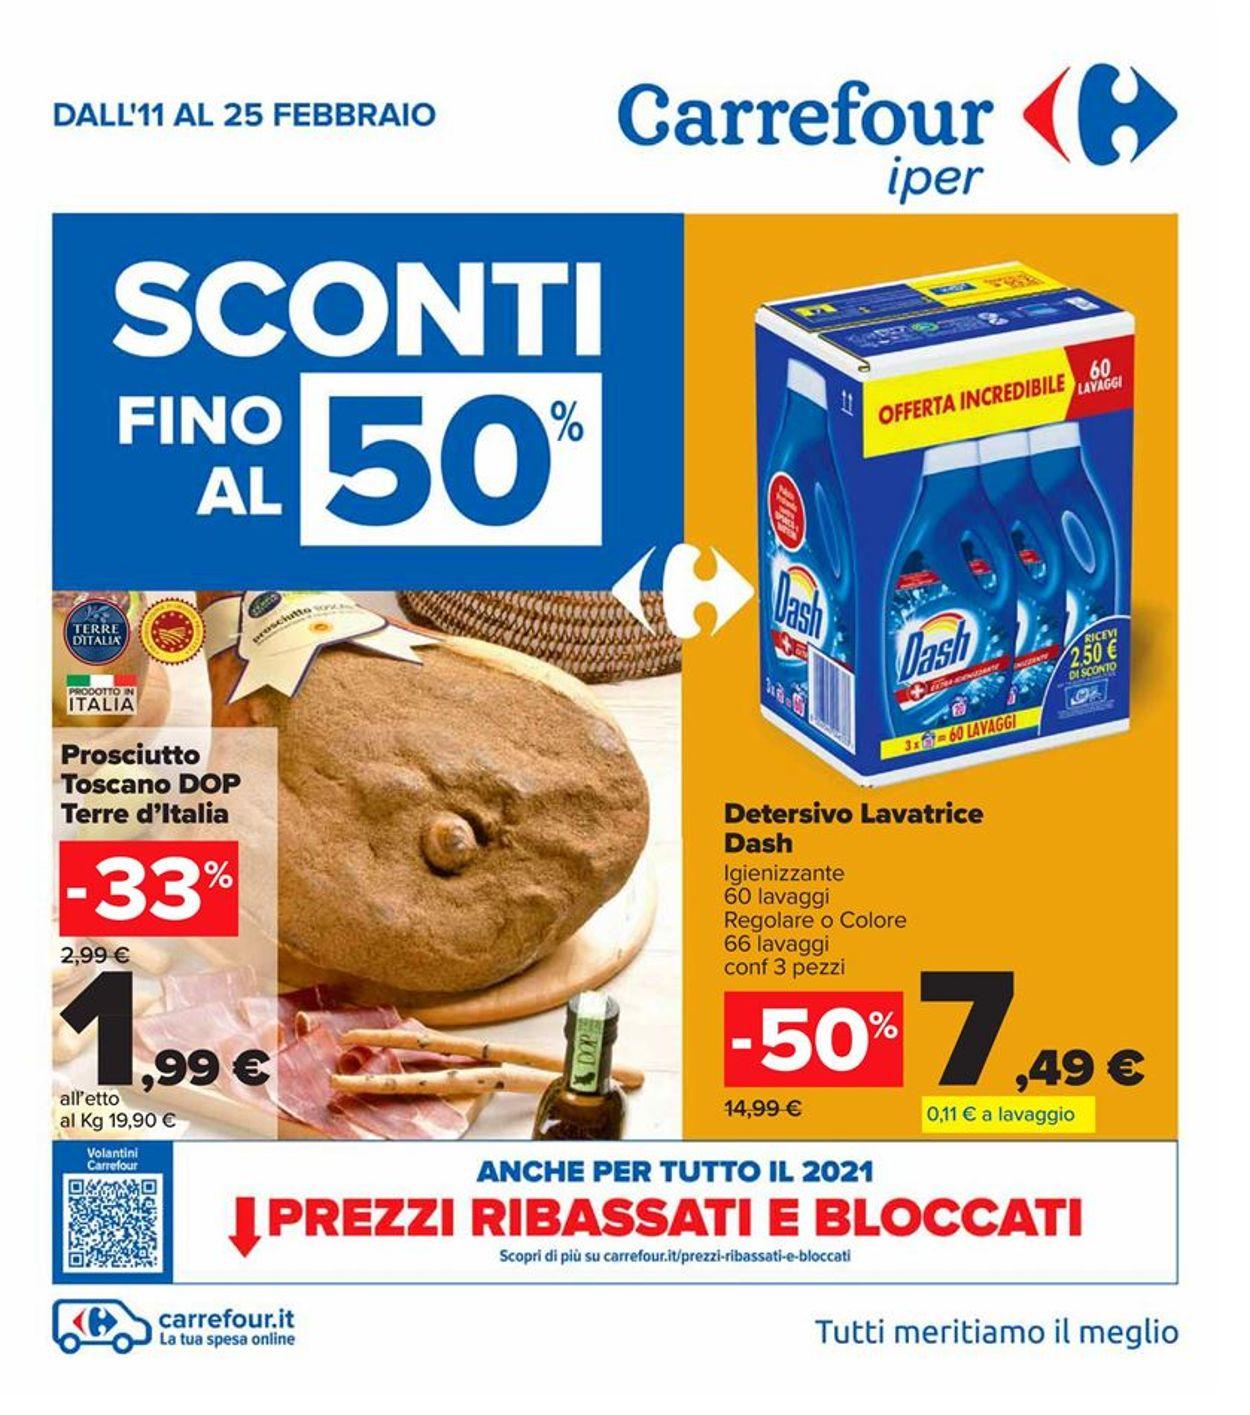 Volantino Carrefour Iper - Offerte 11/02-25/02/2021